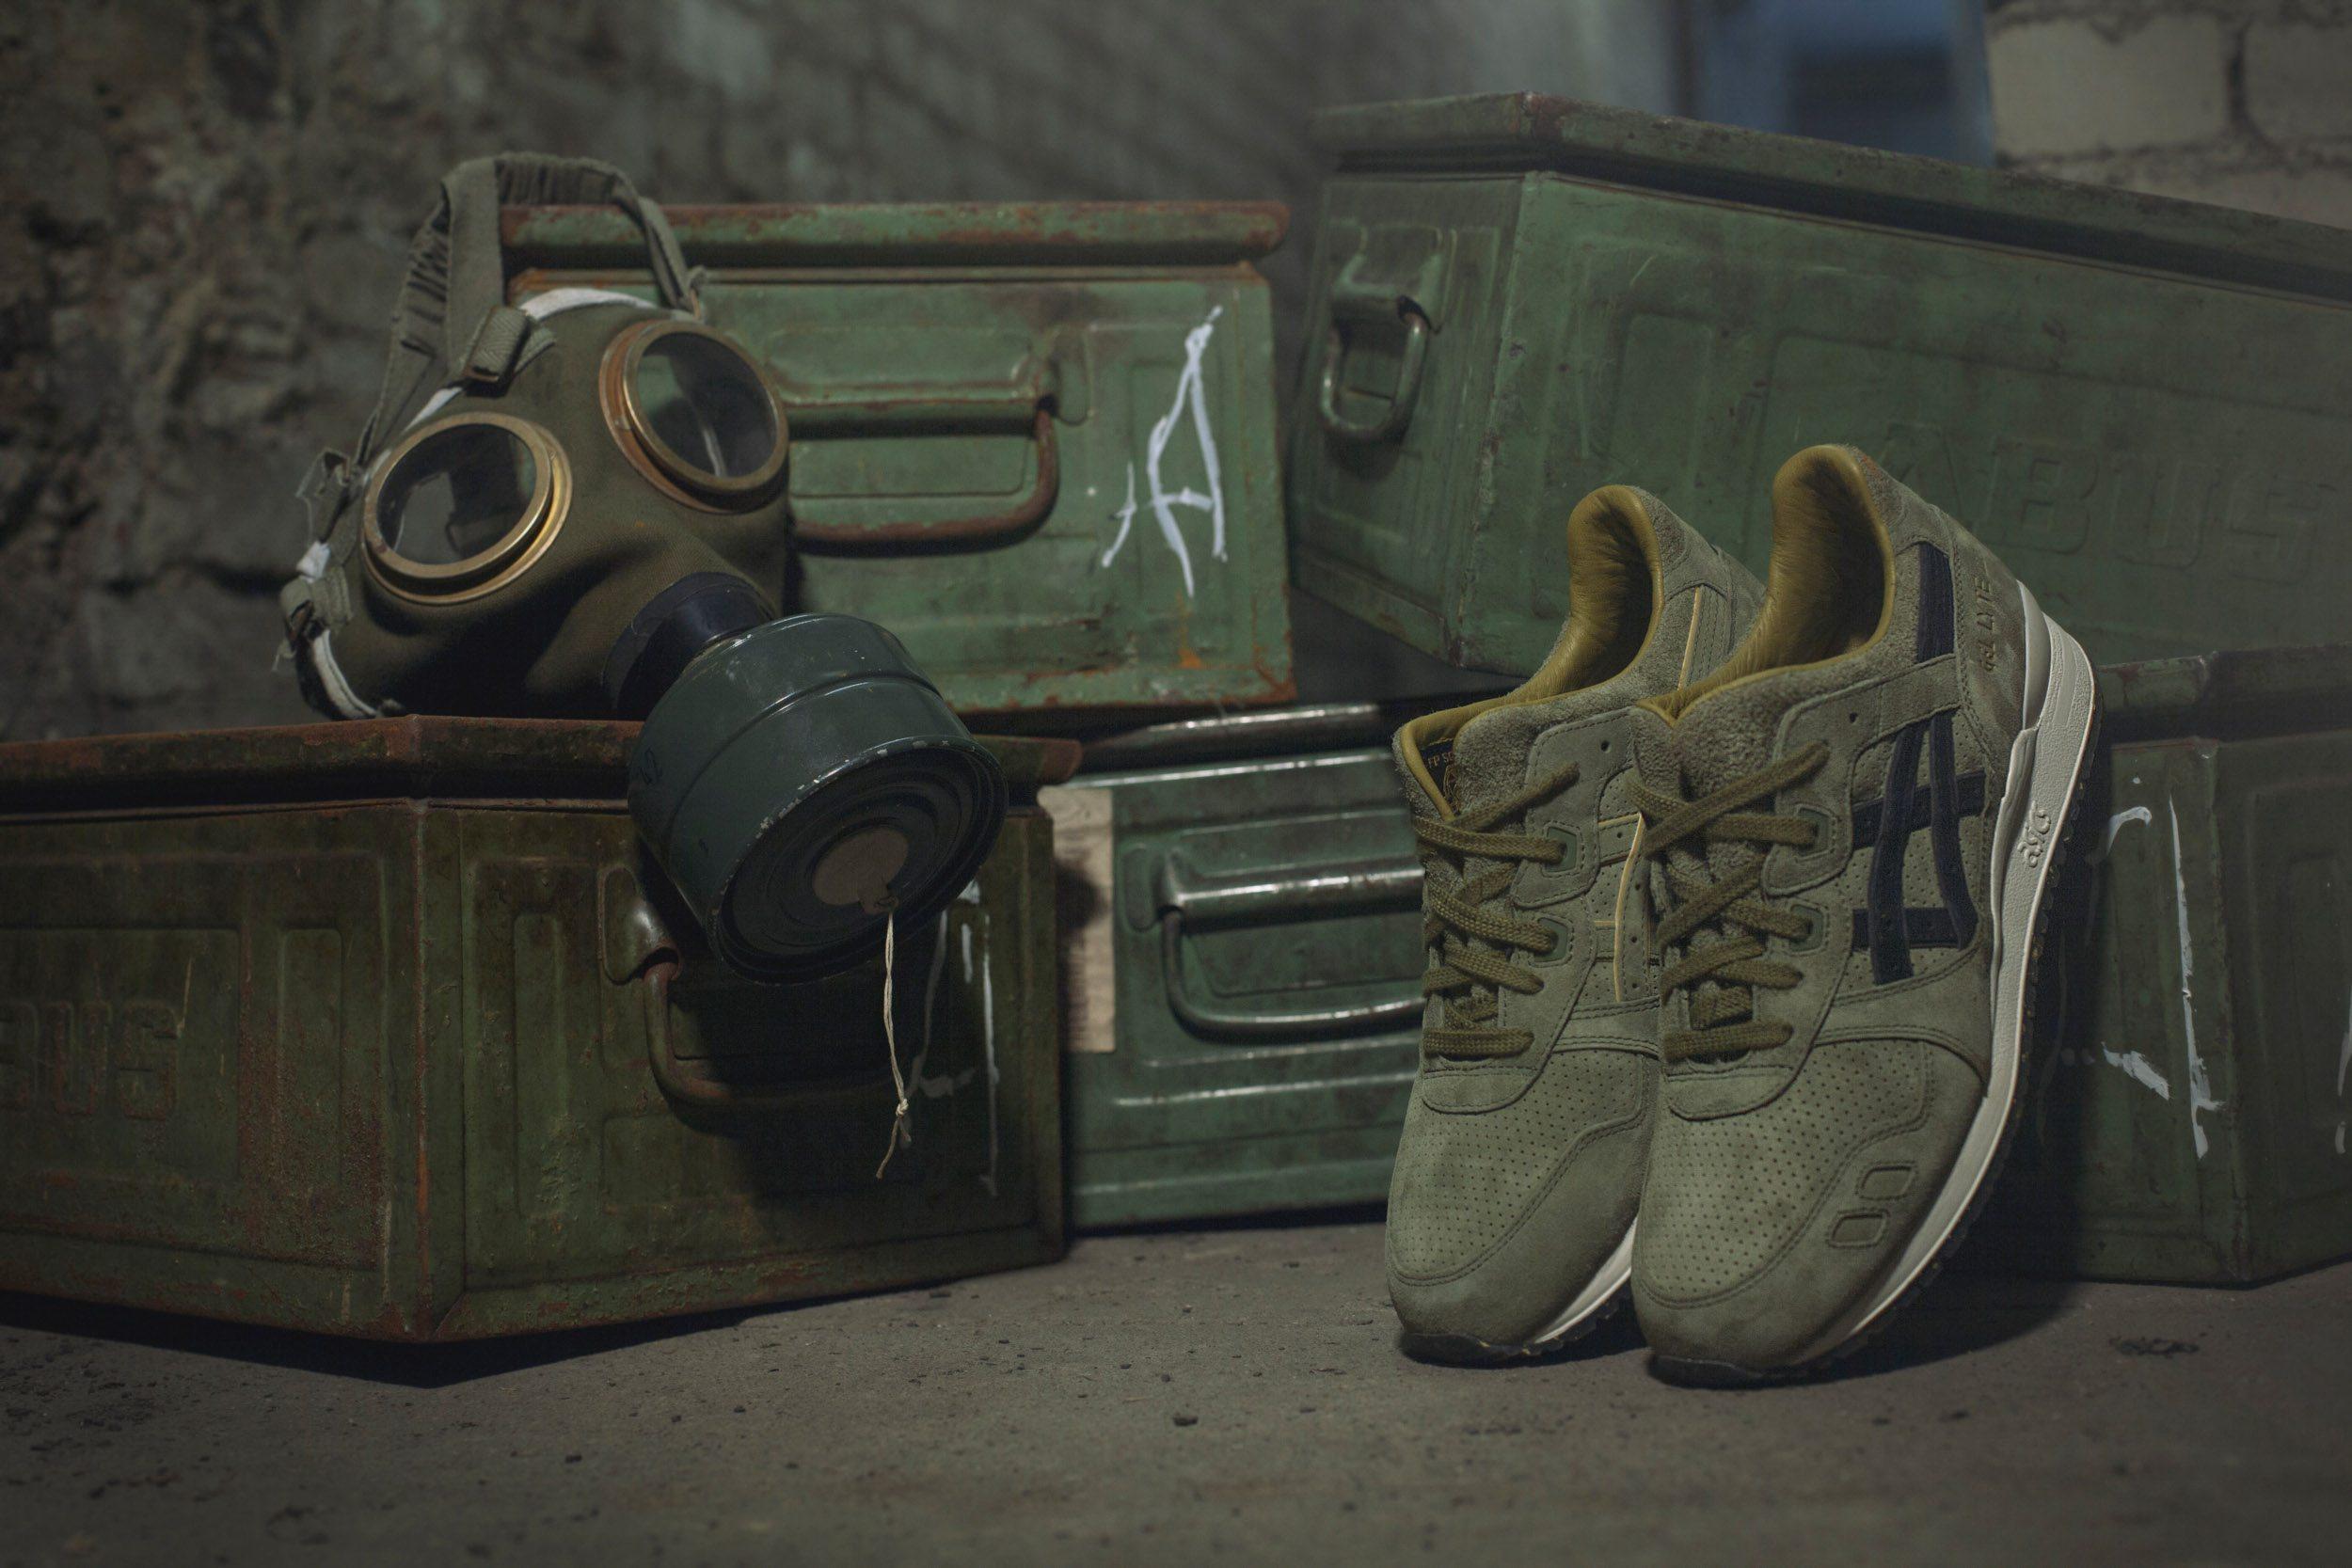 Footpatrol x Asics Gel Lyte III Squad 2